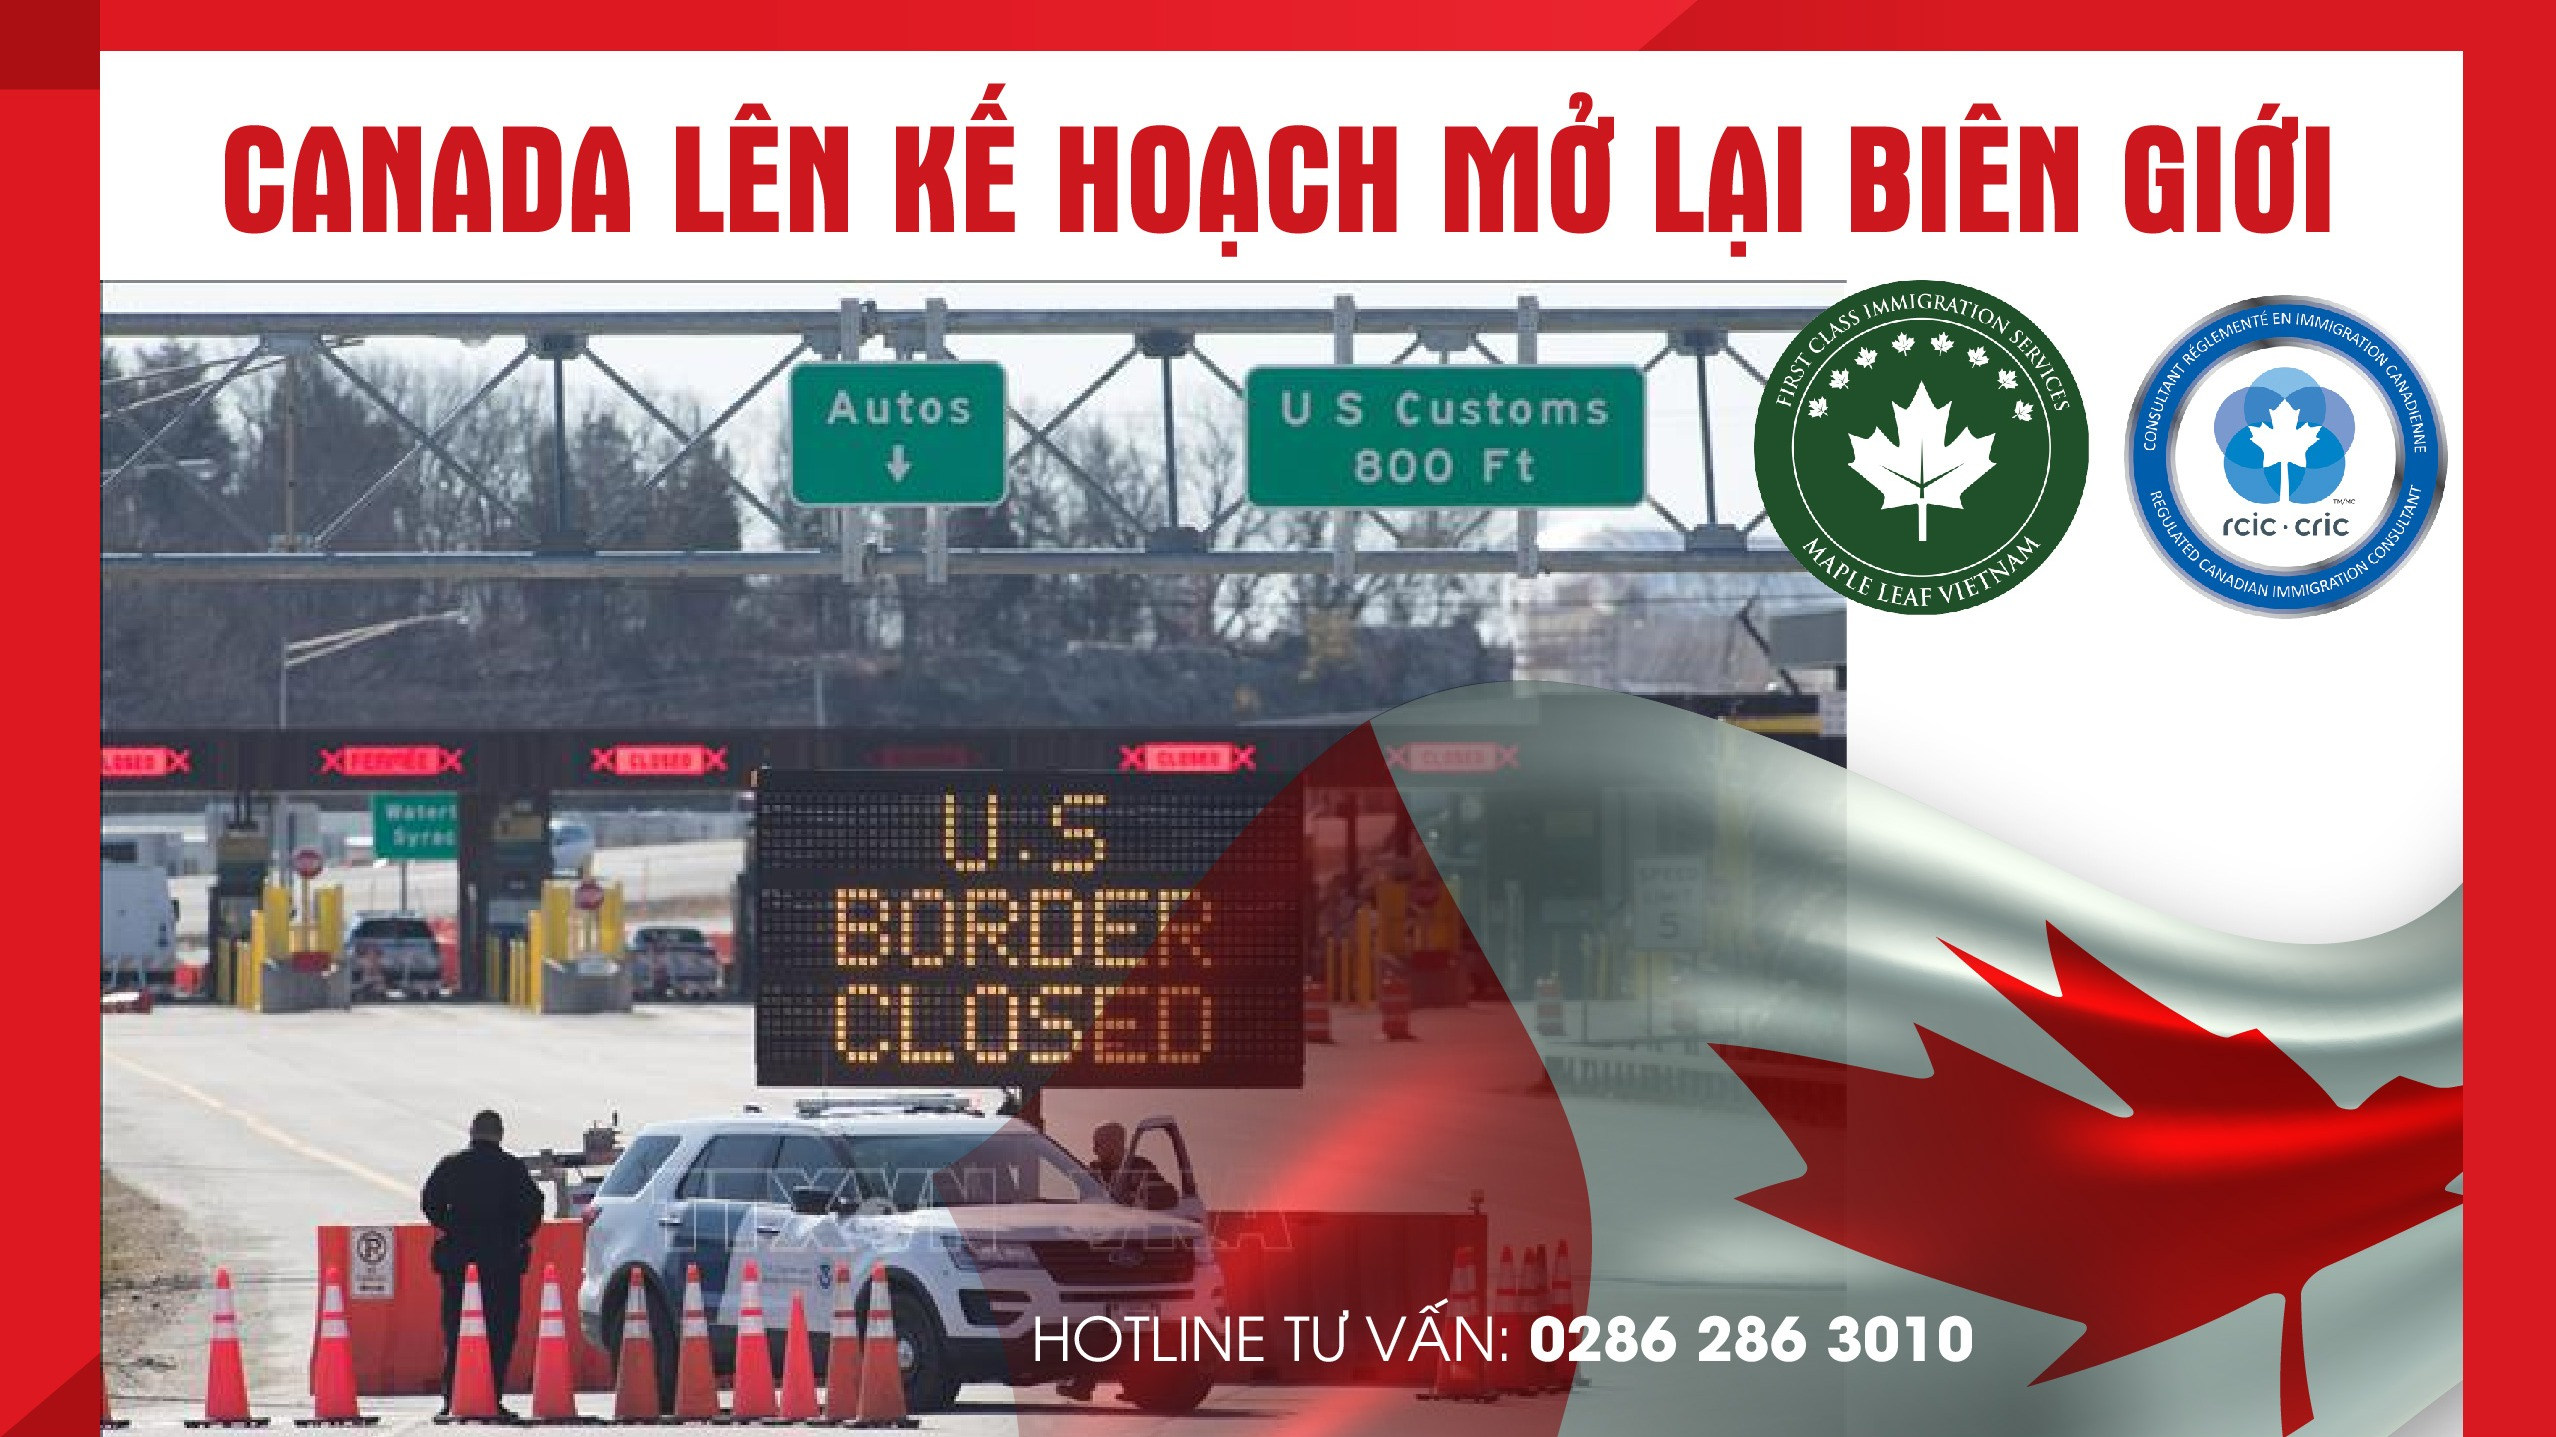 canada-len-ke-hoach-mo-lai-bien-gioi